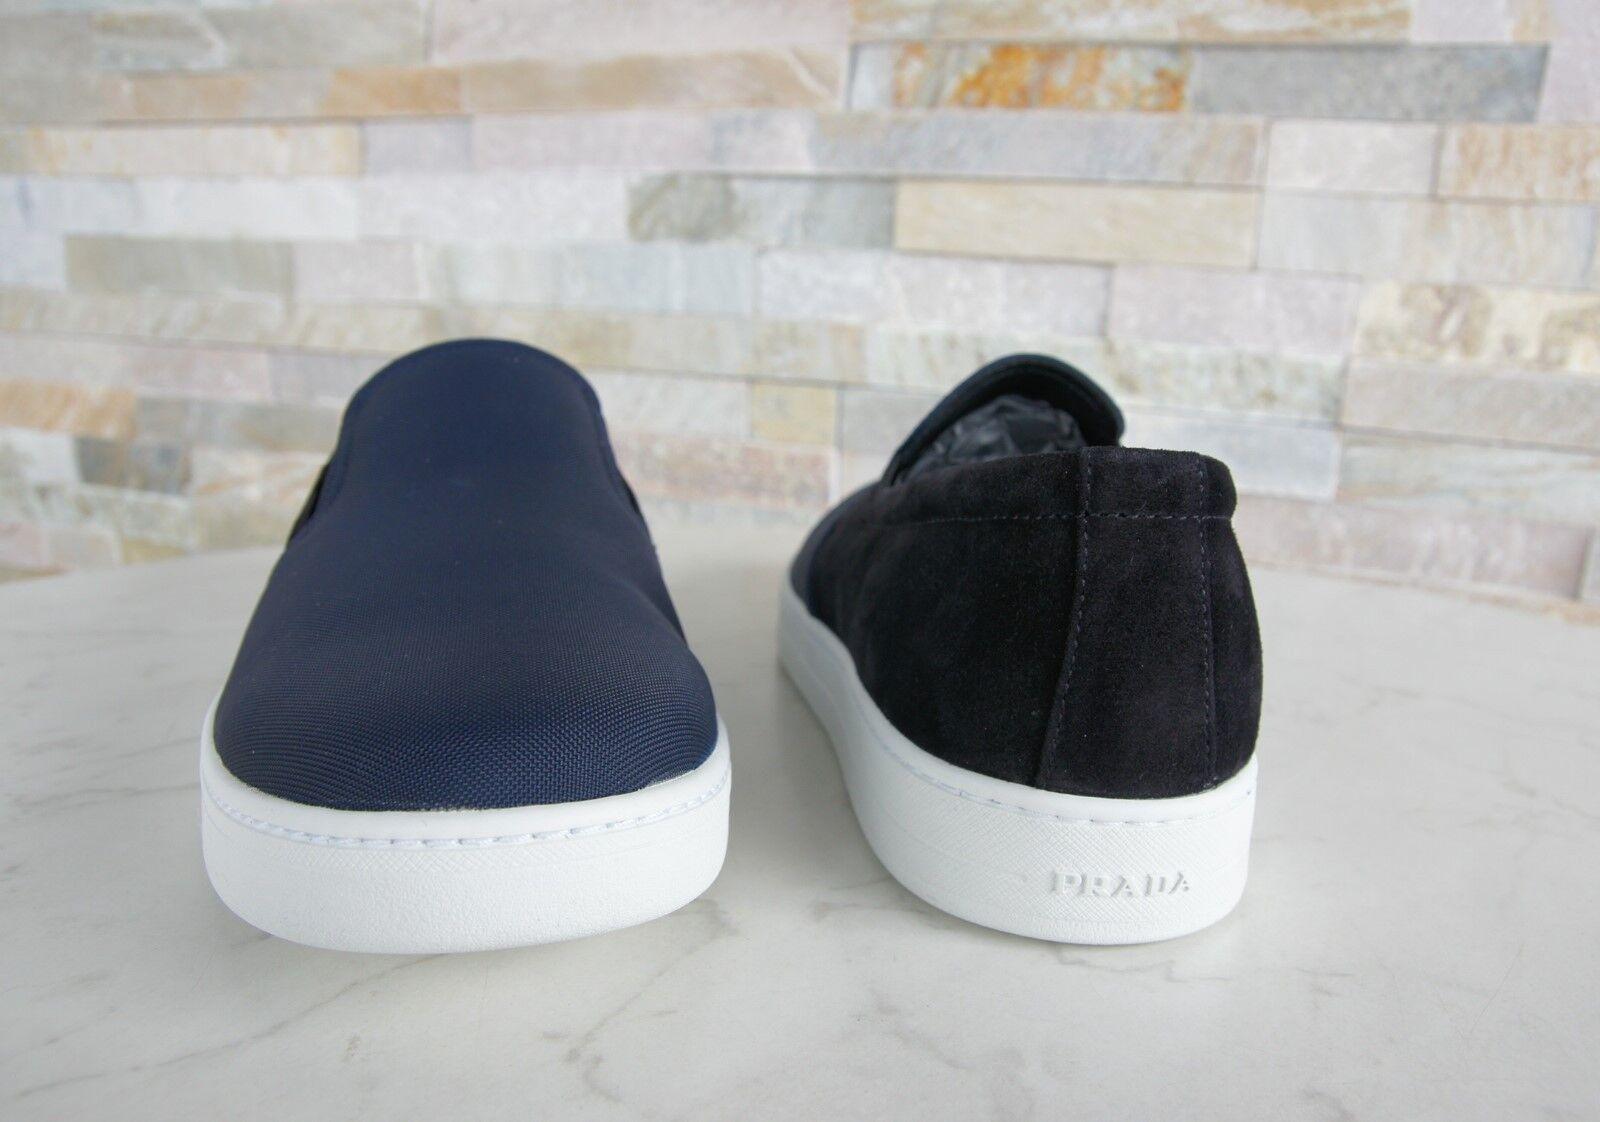 PRADA Schuhe Gr 7 41 Slipper Slip-Ons Halbschuhe Schuhe PRADA 4D2733 blau schwarz NEU b1bc6b